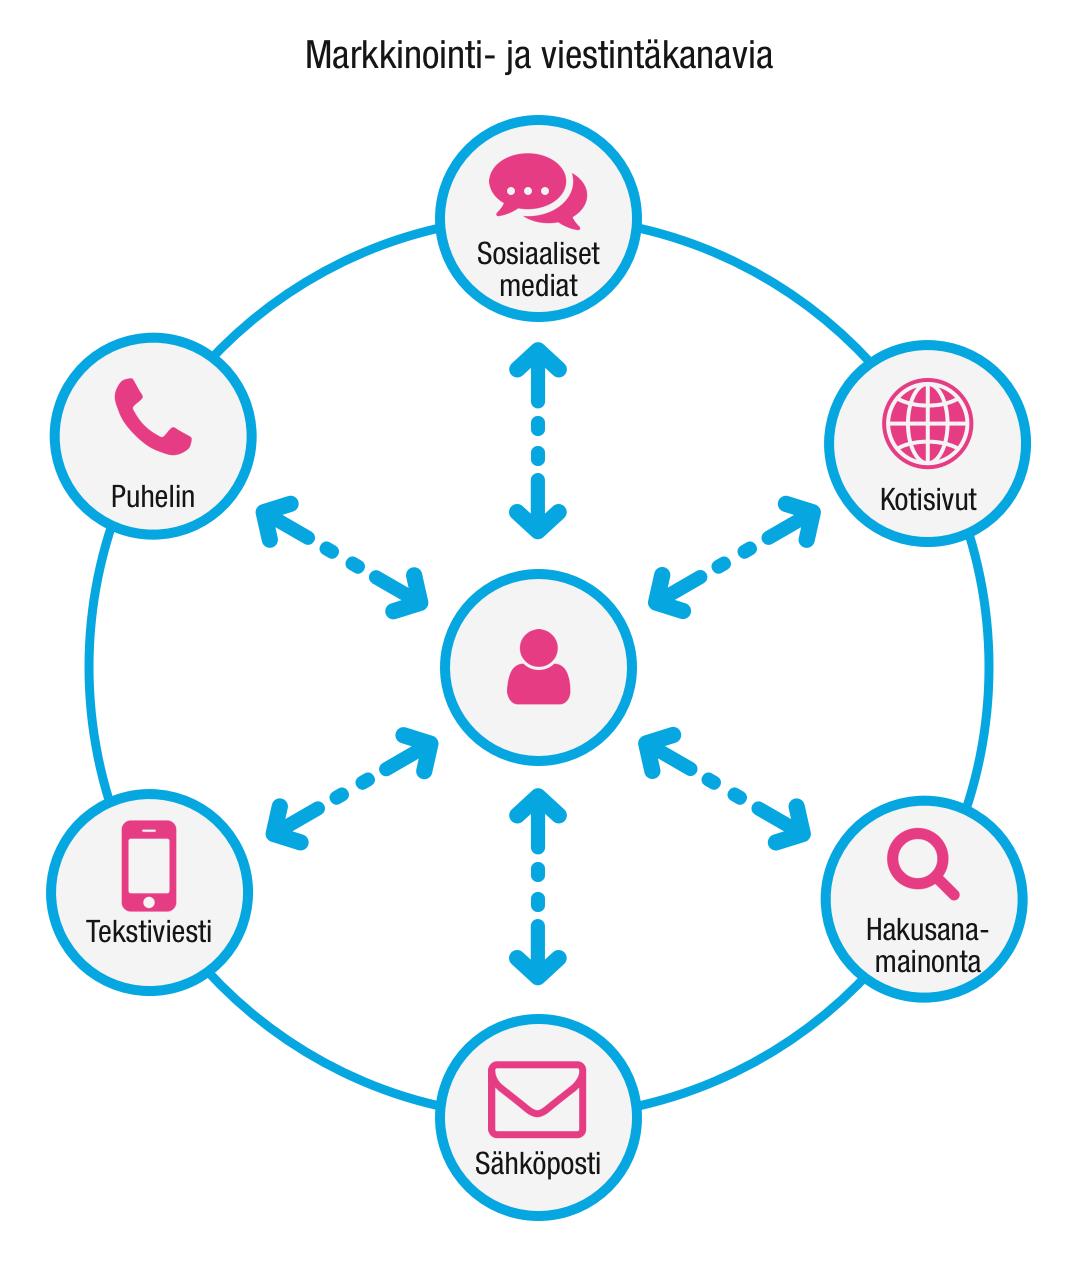 Markkinointi- ja viestintäkanavia